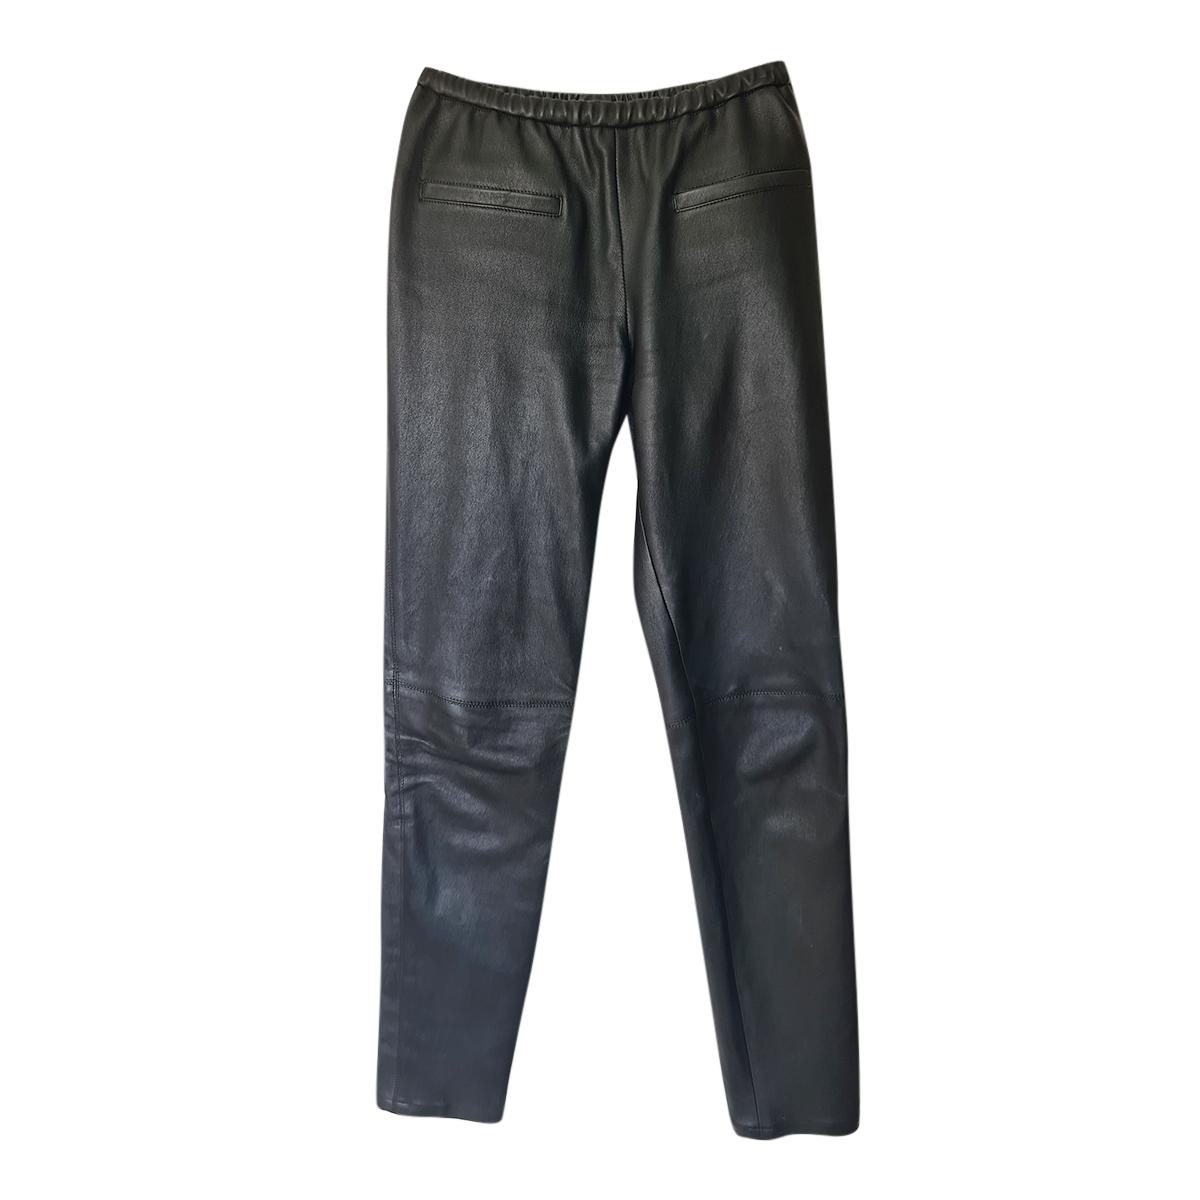 Emilio Pucci Black Leather Pants